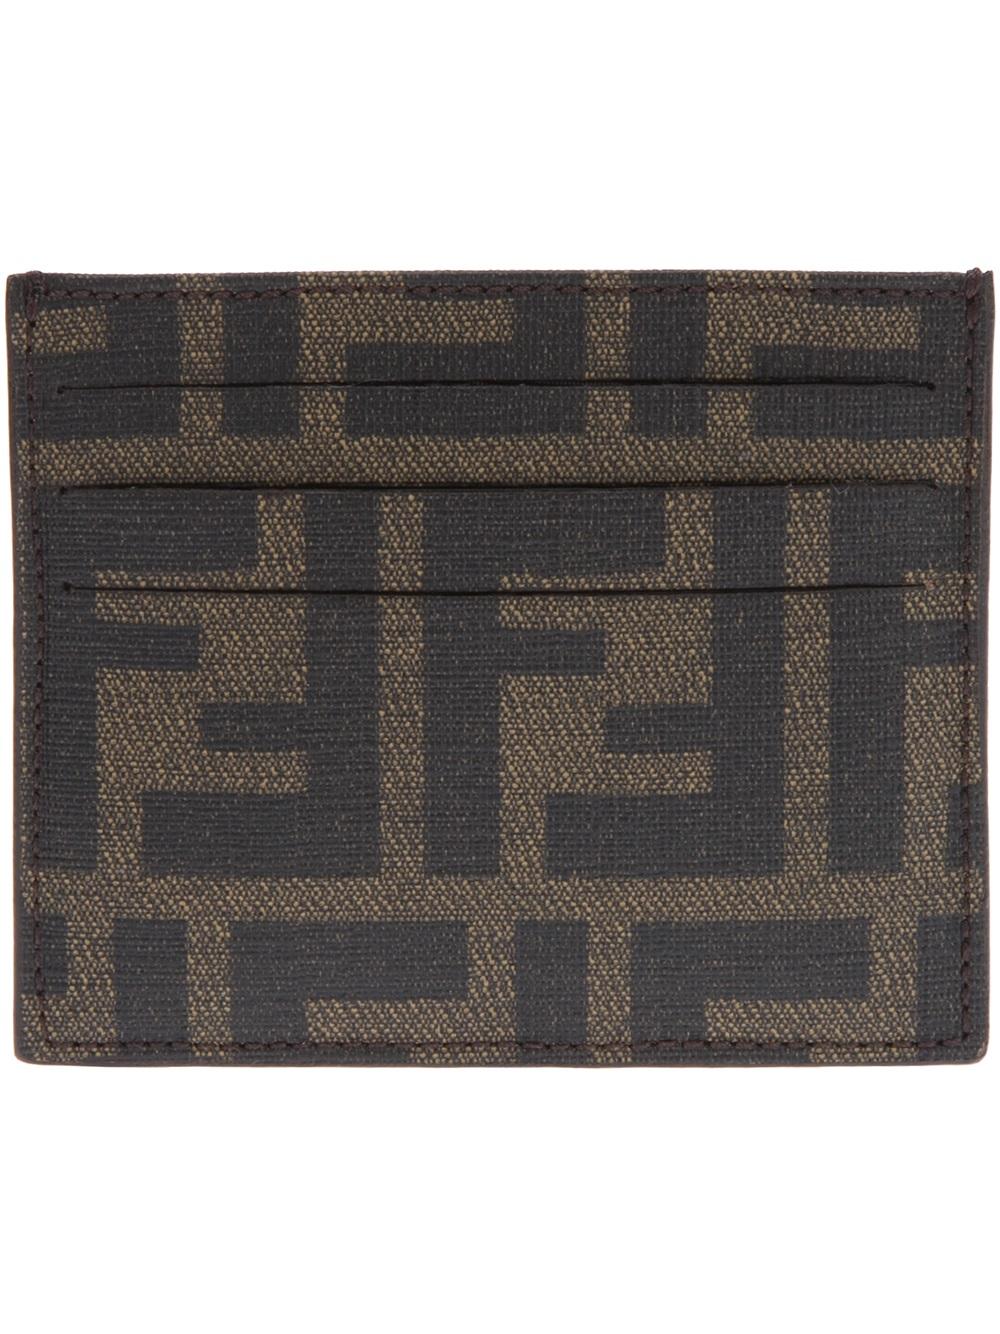 6e430a2ea1 Fendi Brown Card Holder Wallet for men